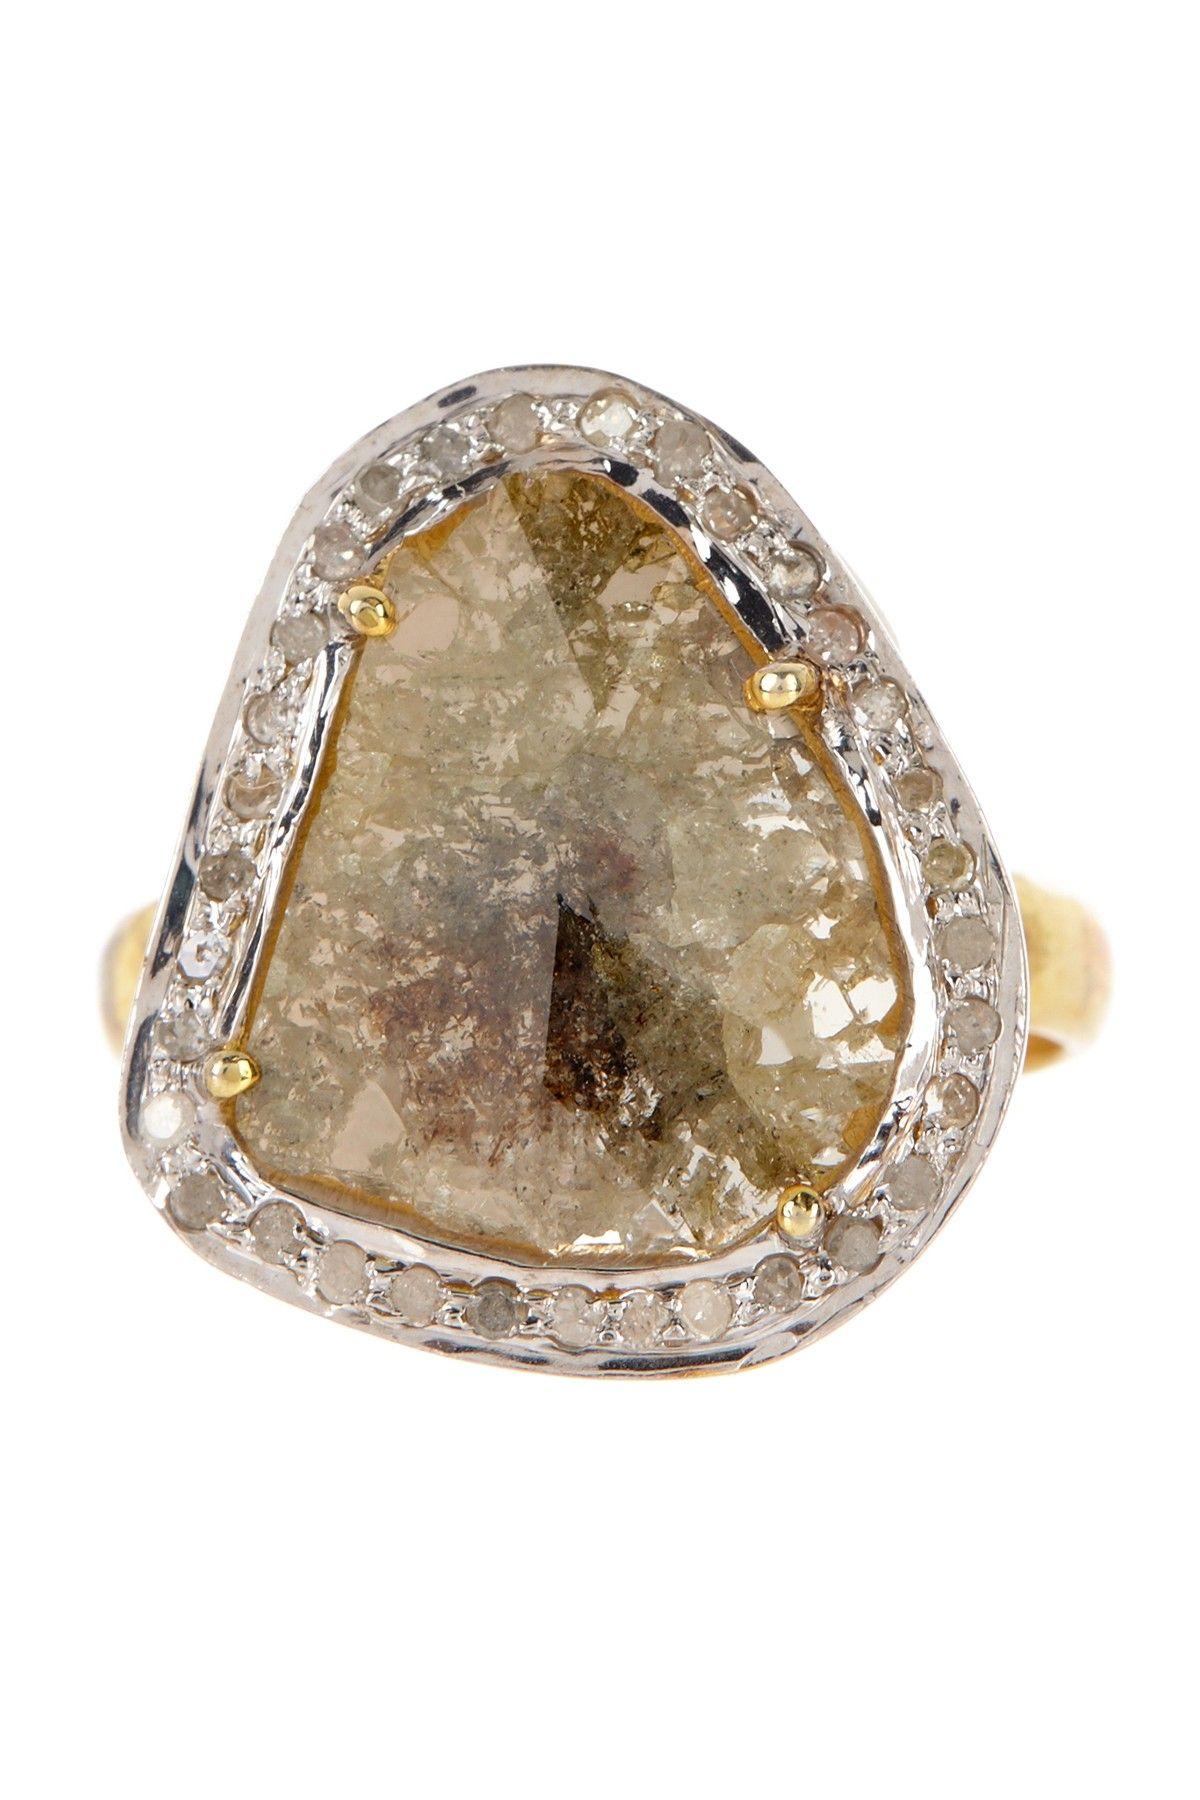 Sliced Diamond Ring - 1.49 ctw on HauteLook